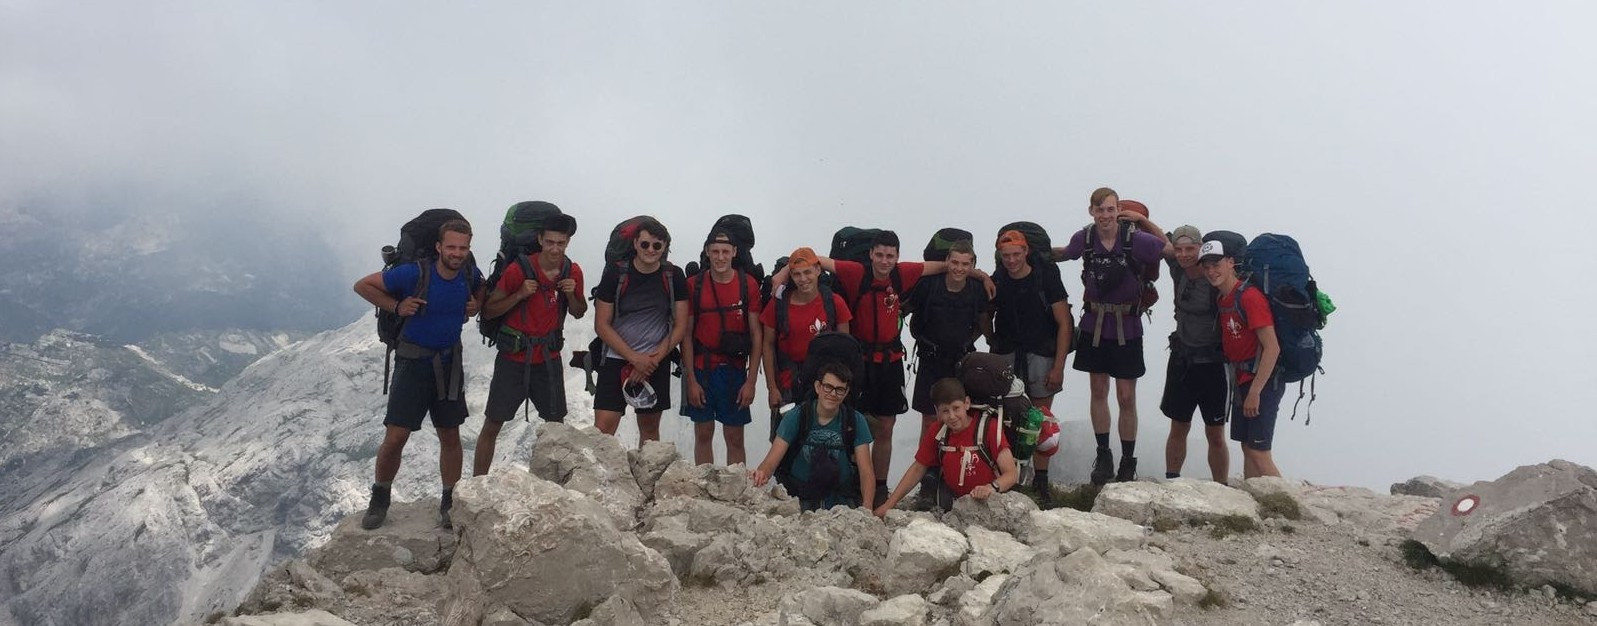 Expeditie rowans backpack Scouting Radboudgroep Santpoort